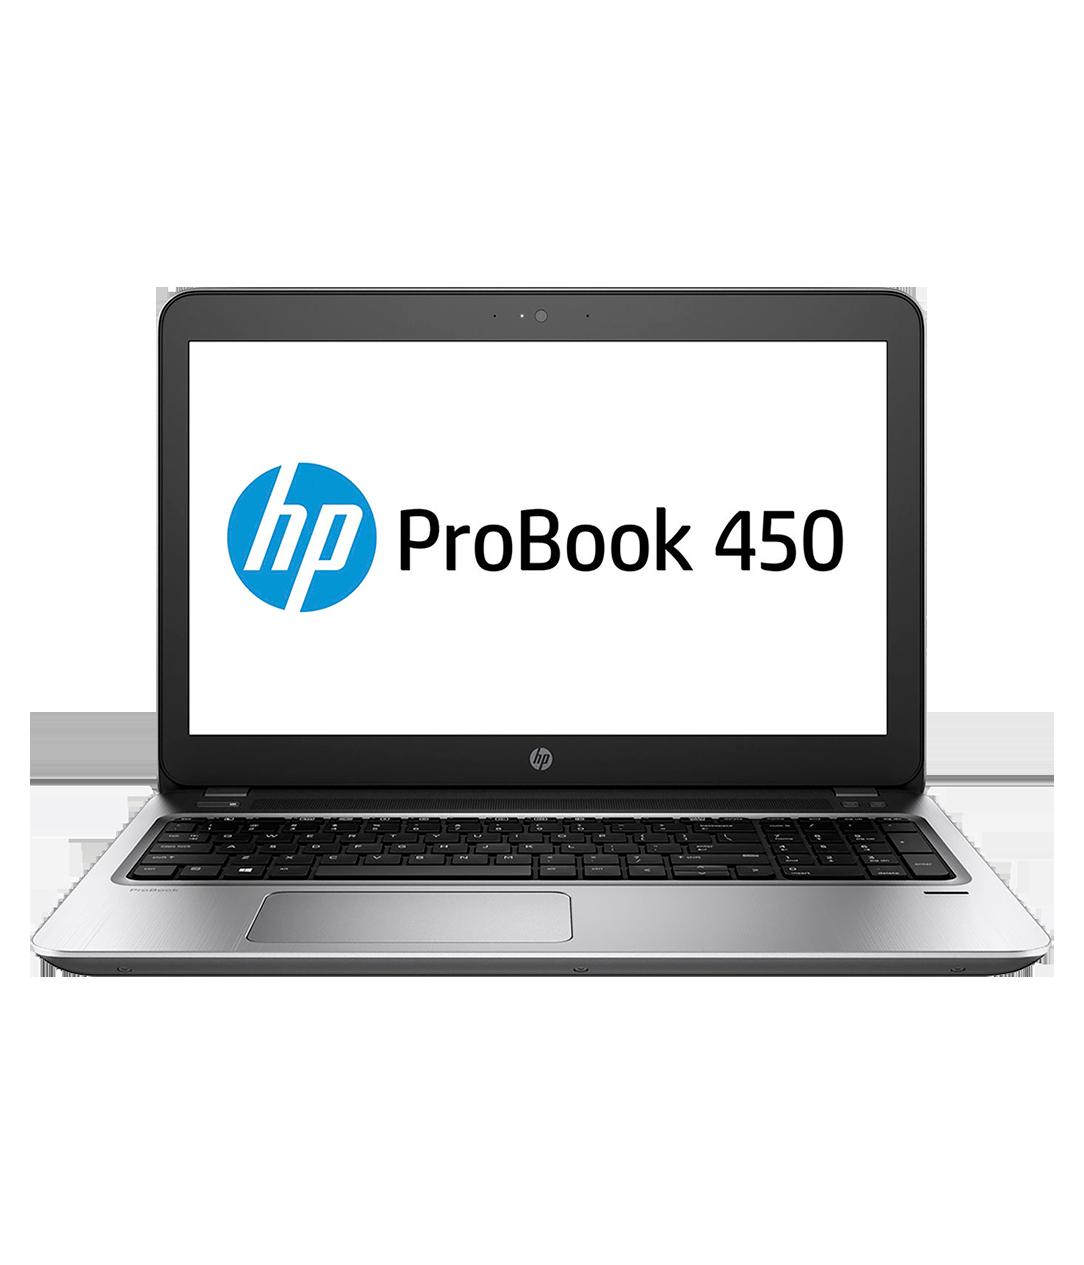 HP ProBook 450 G4 i3